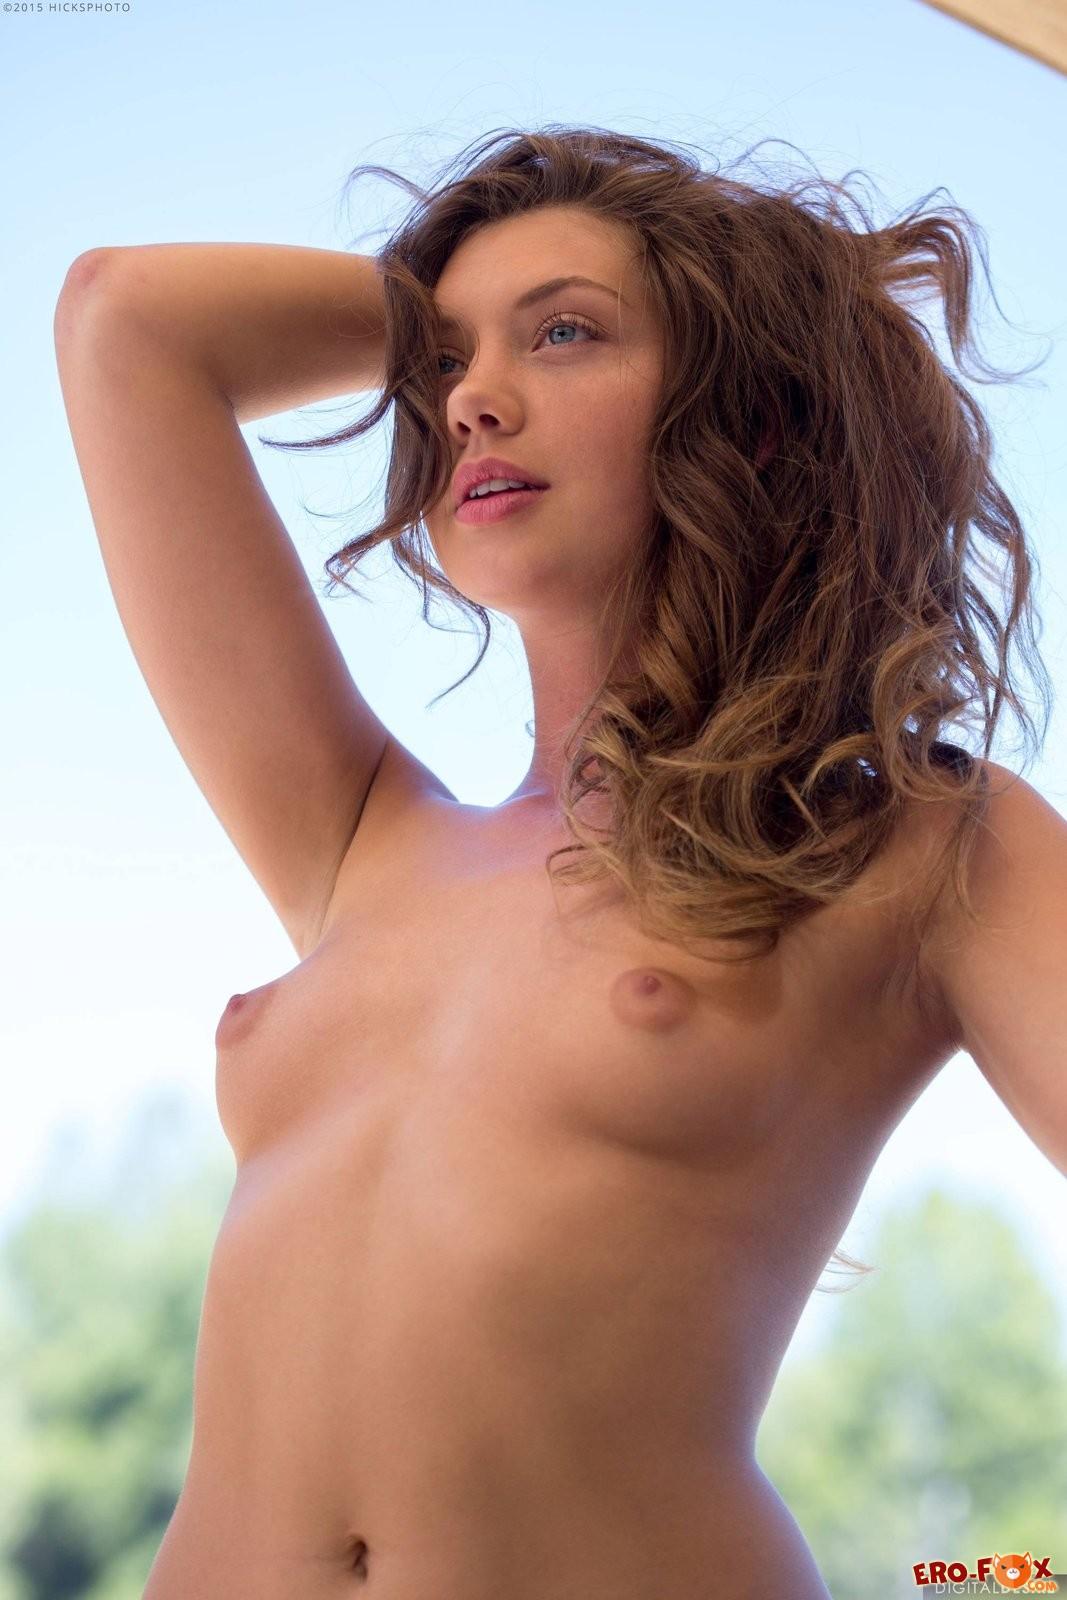 Русская девушка сняла купальник  голой.